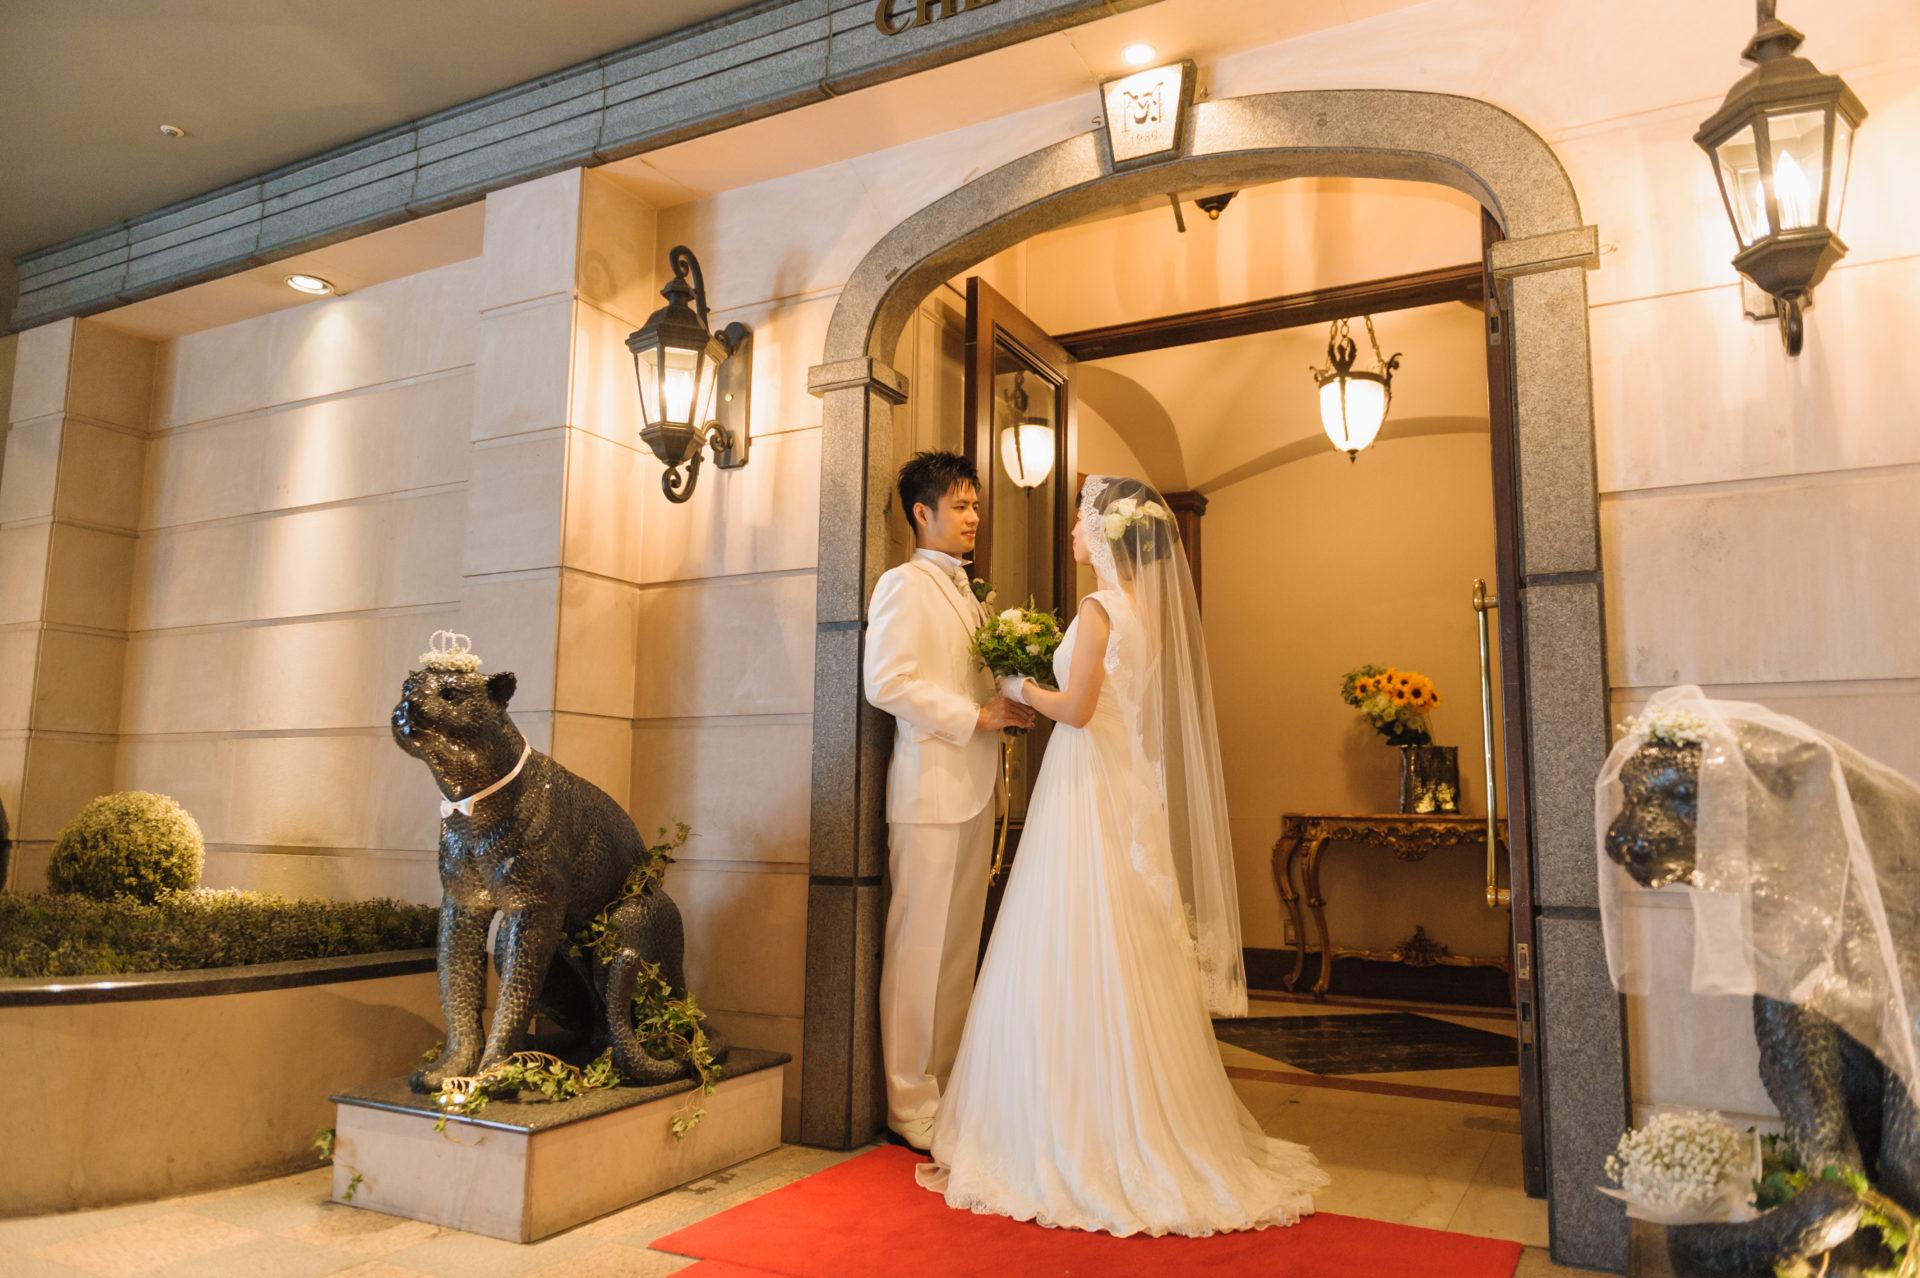 シェ松尾の入り口のジャガー結婚式仕様